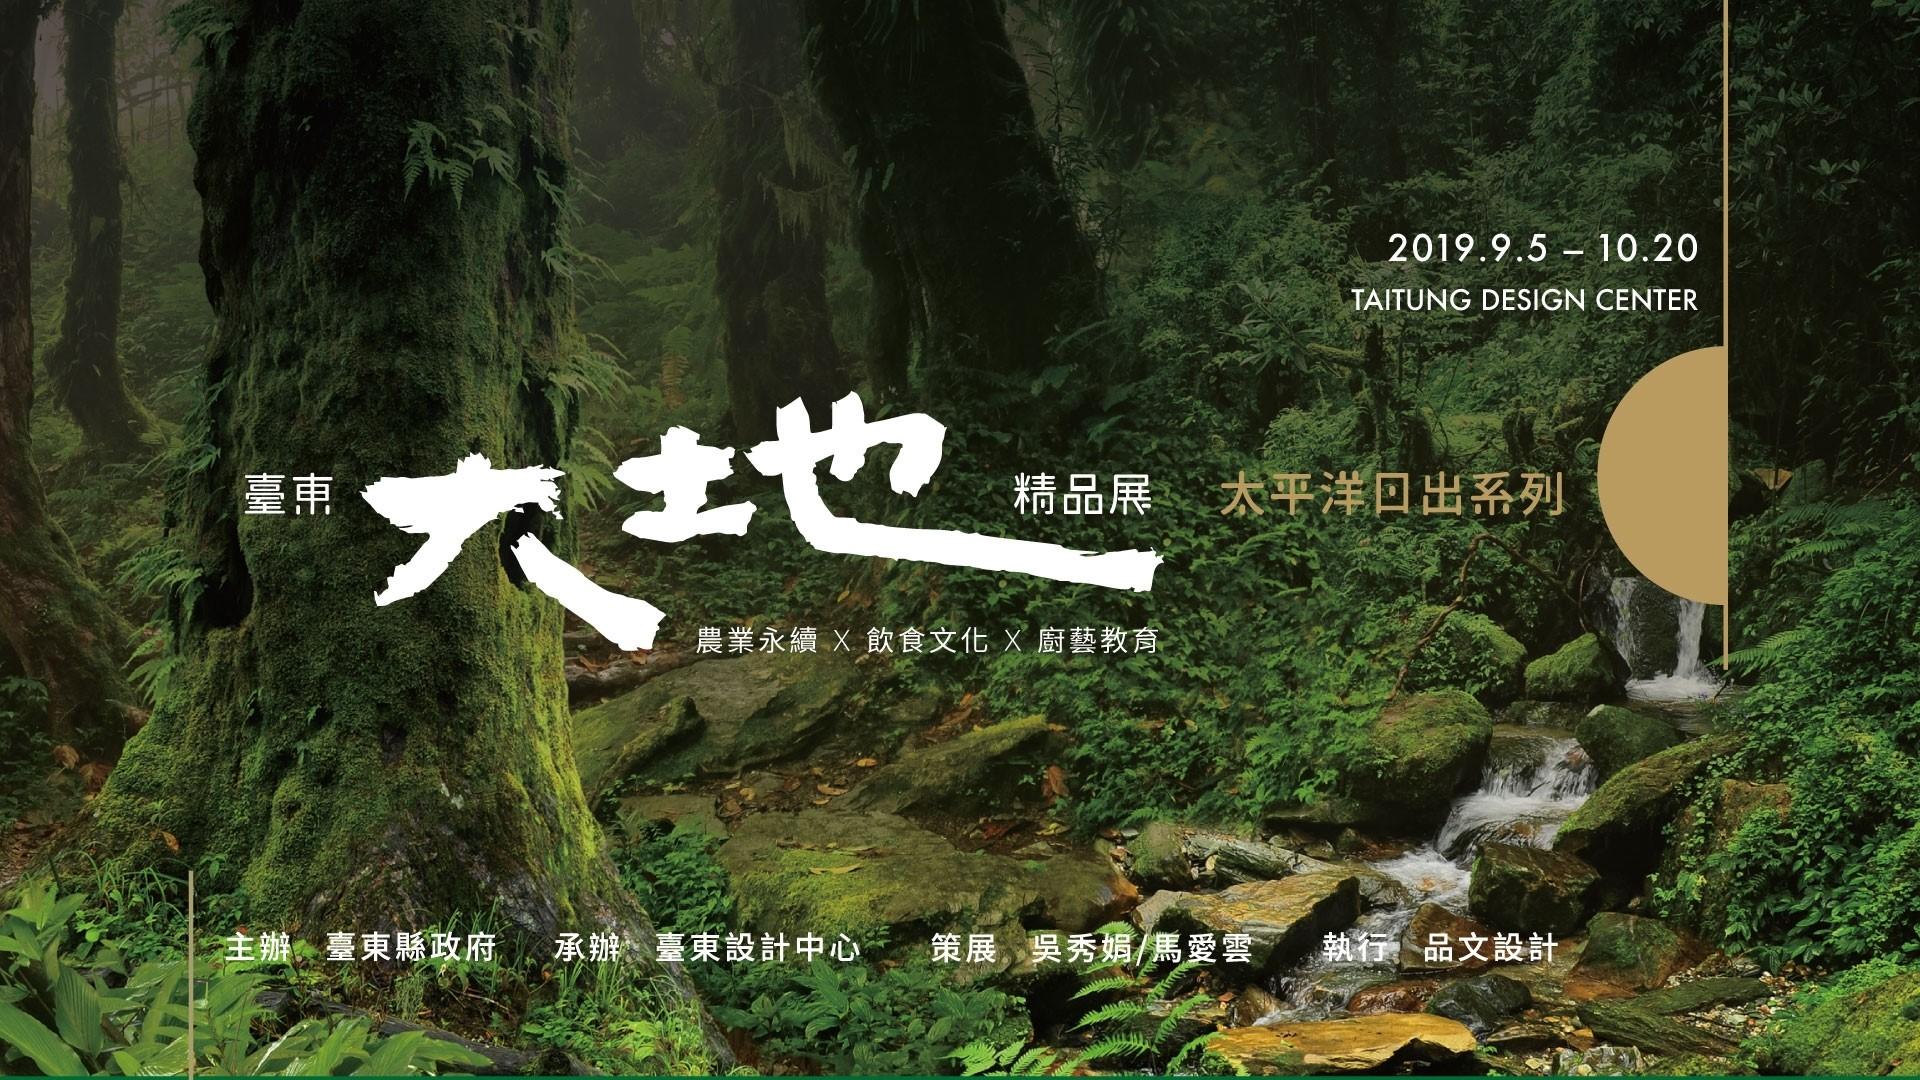 臺東大地精品展:日出太平洋系列 – 09/05-10/20 即將開展